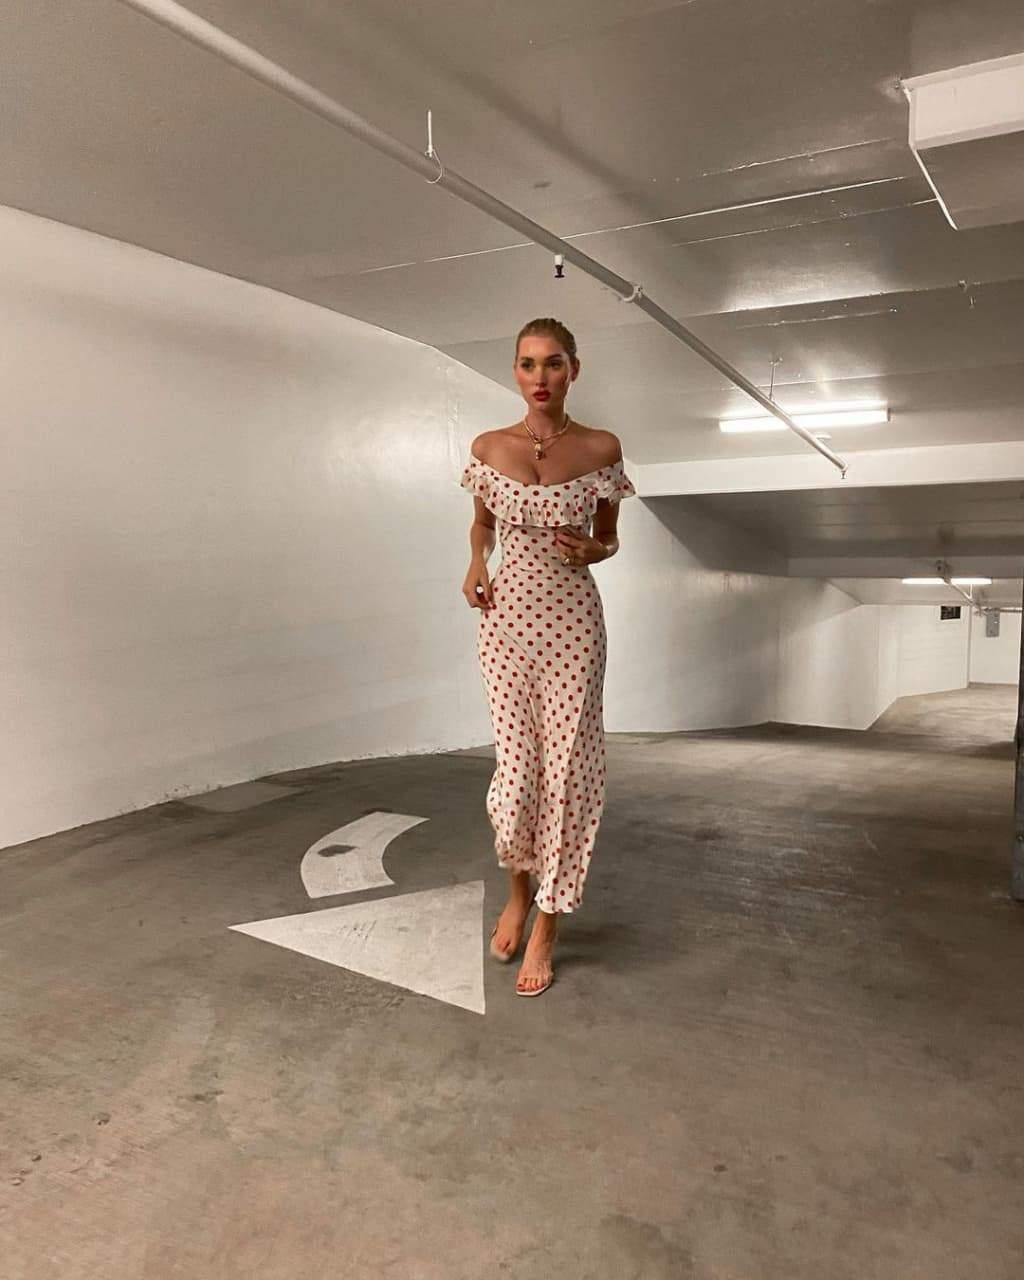 Красивий образ Ельзи Госк / Фото з інстаграму модниці